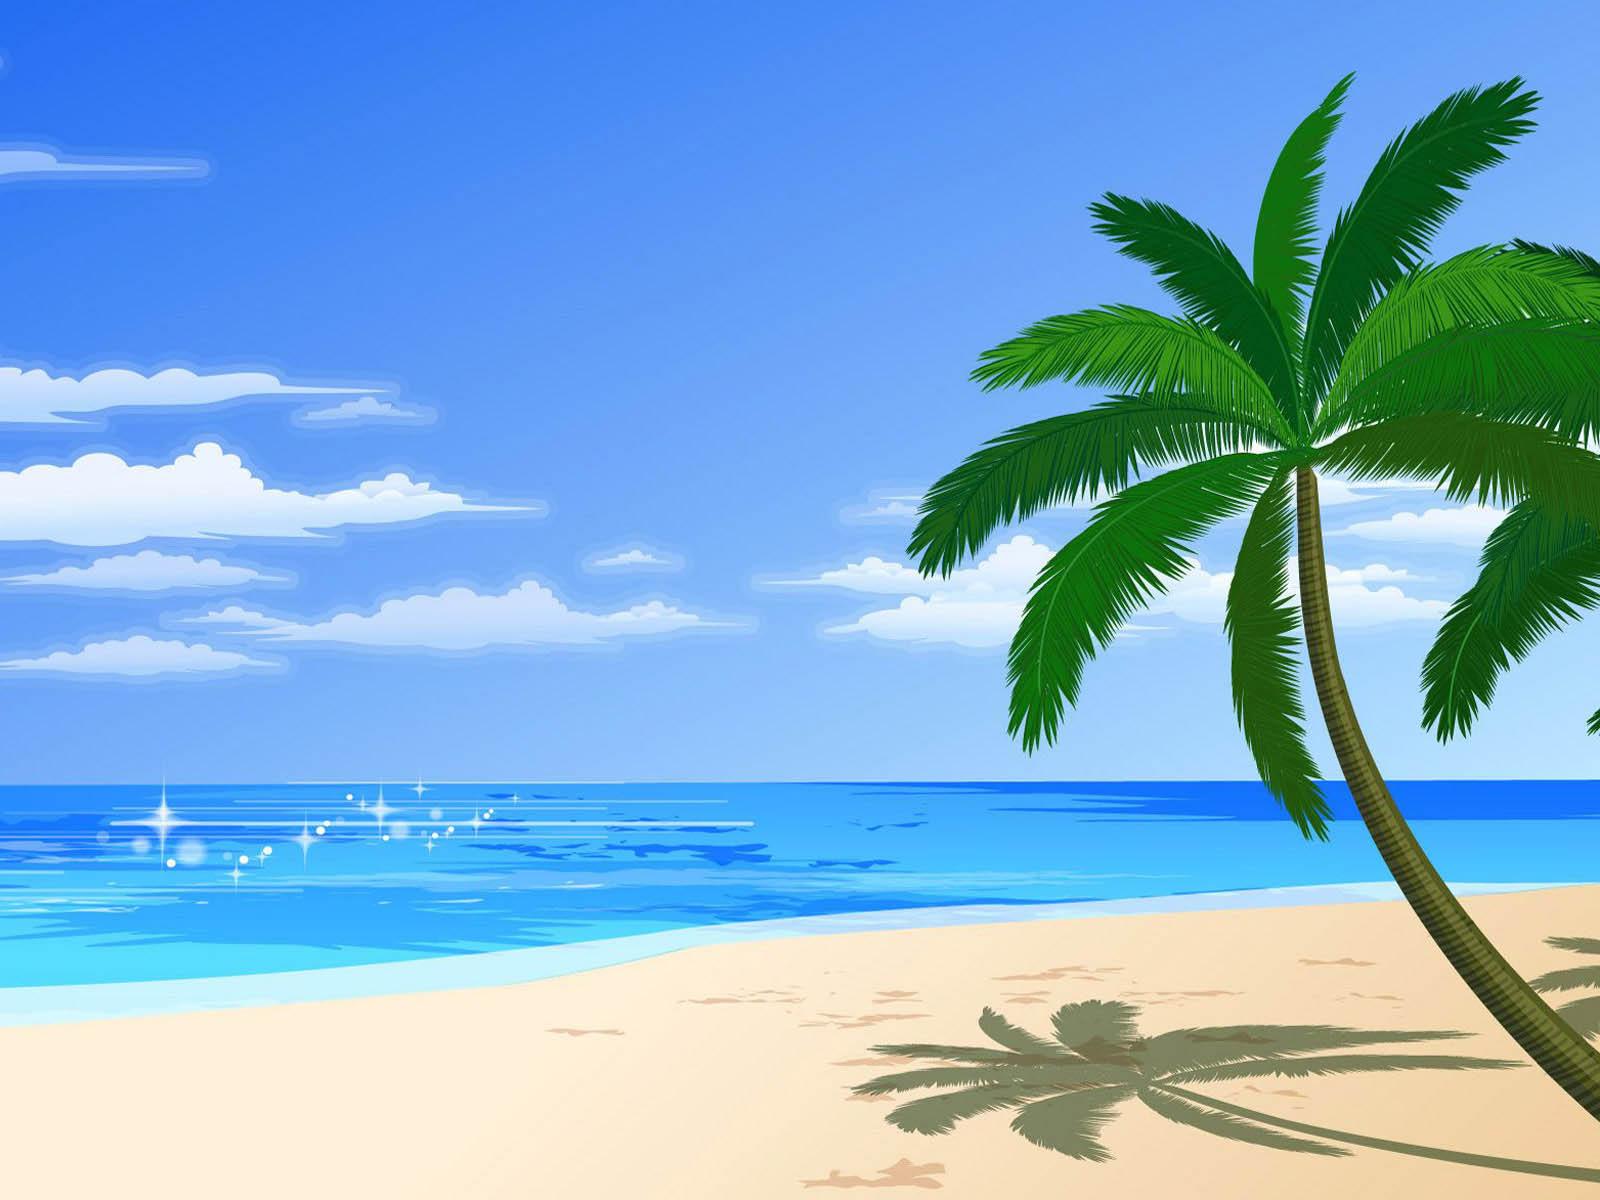 clipart beach